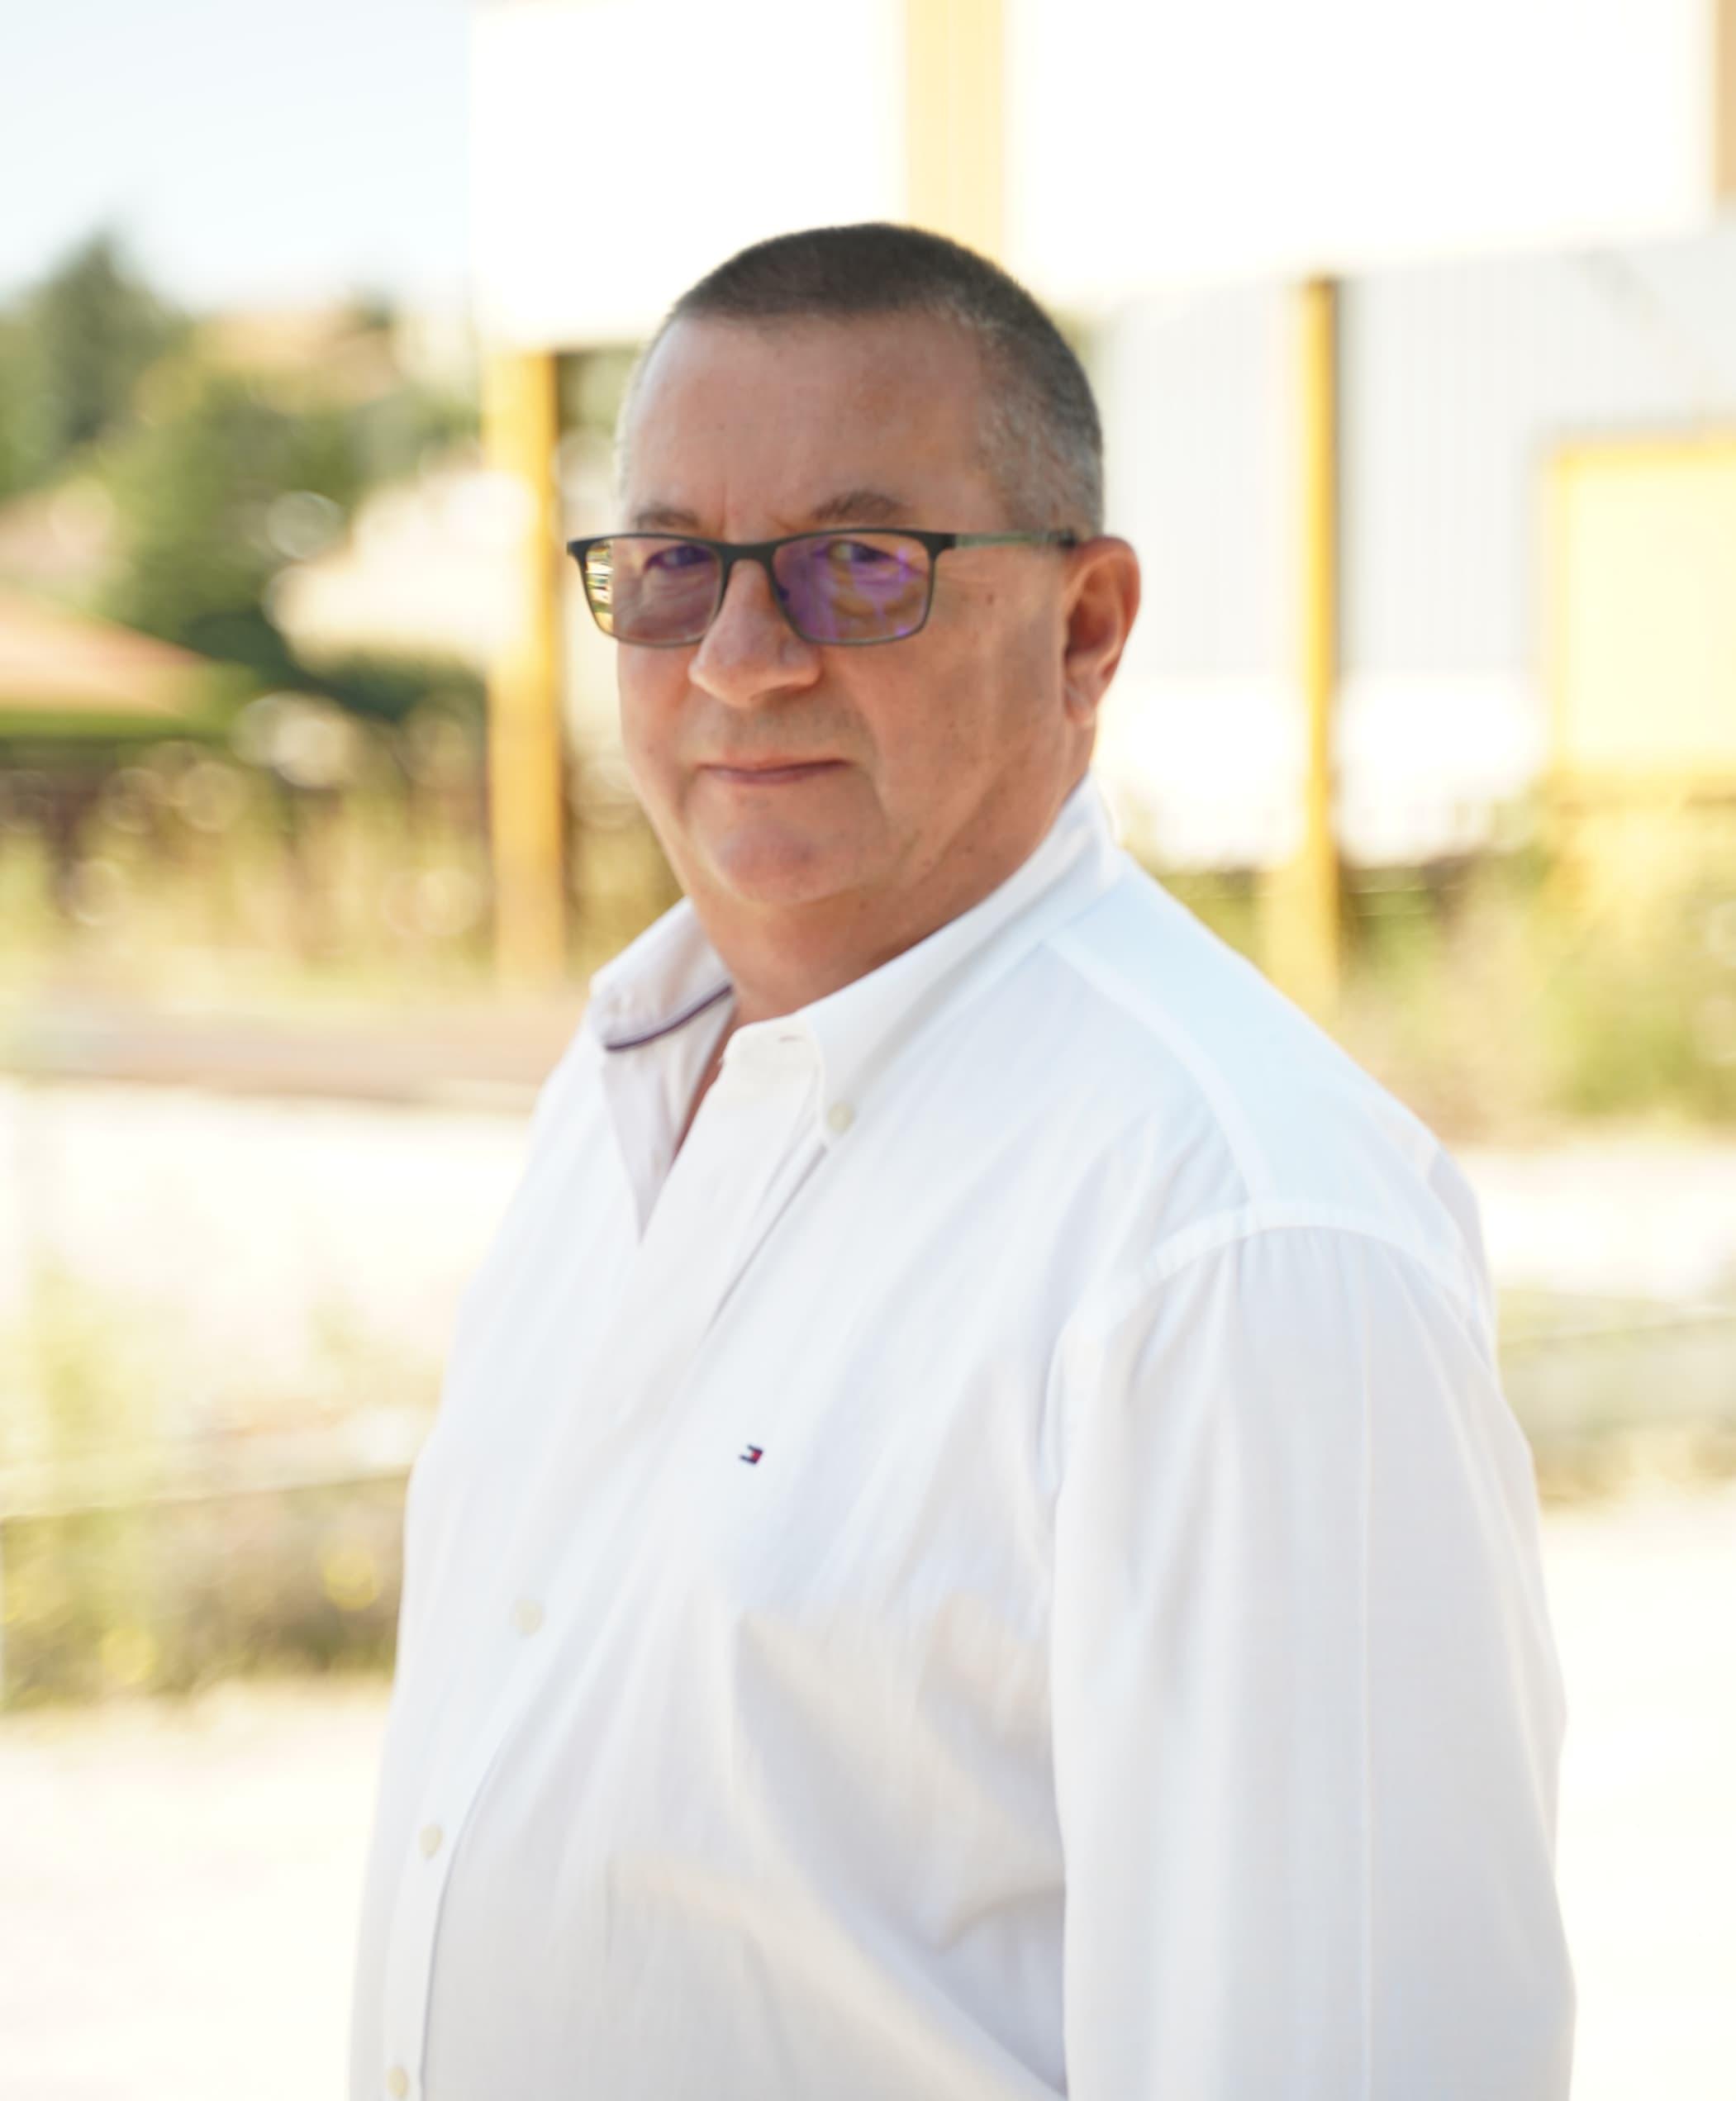 Eric Pecile